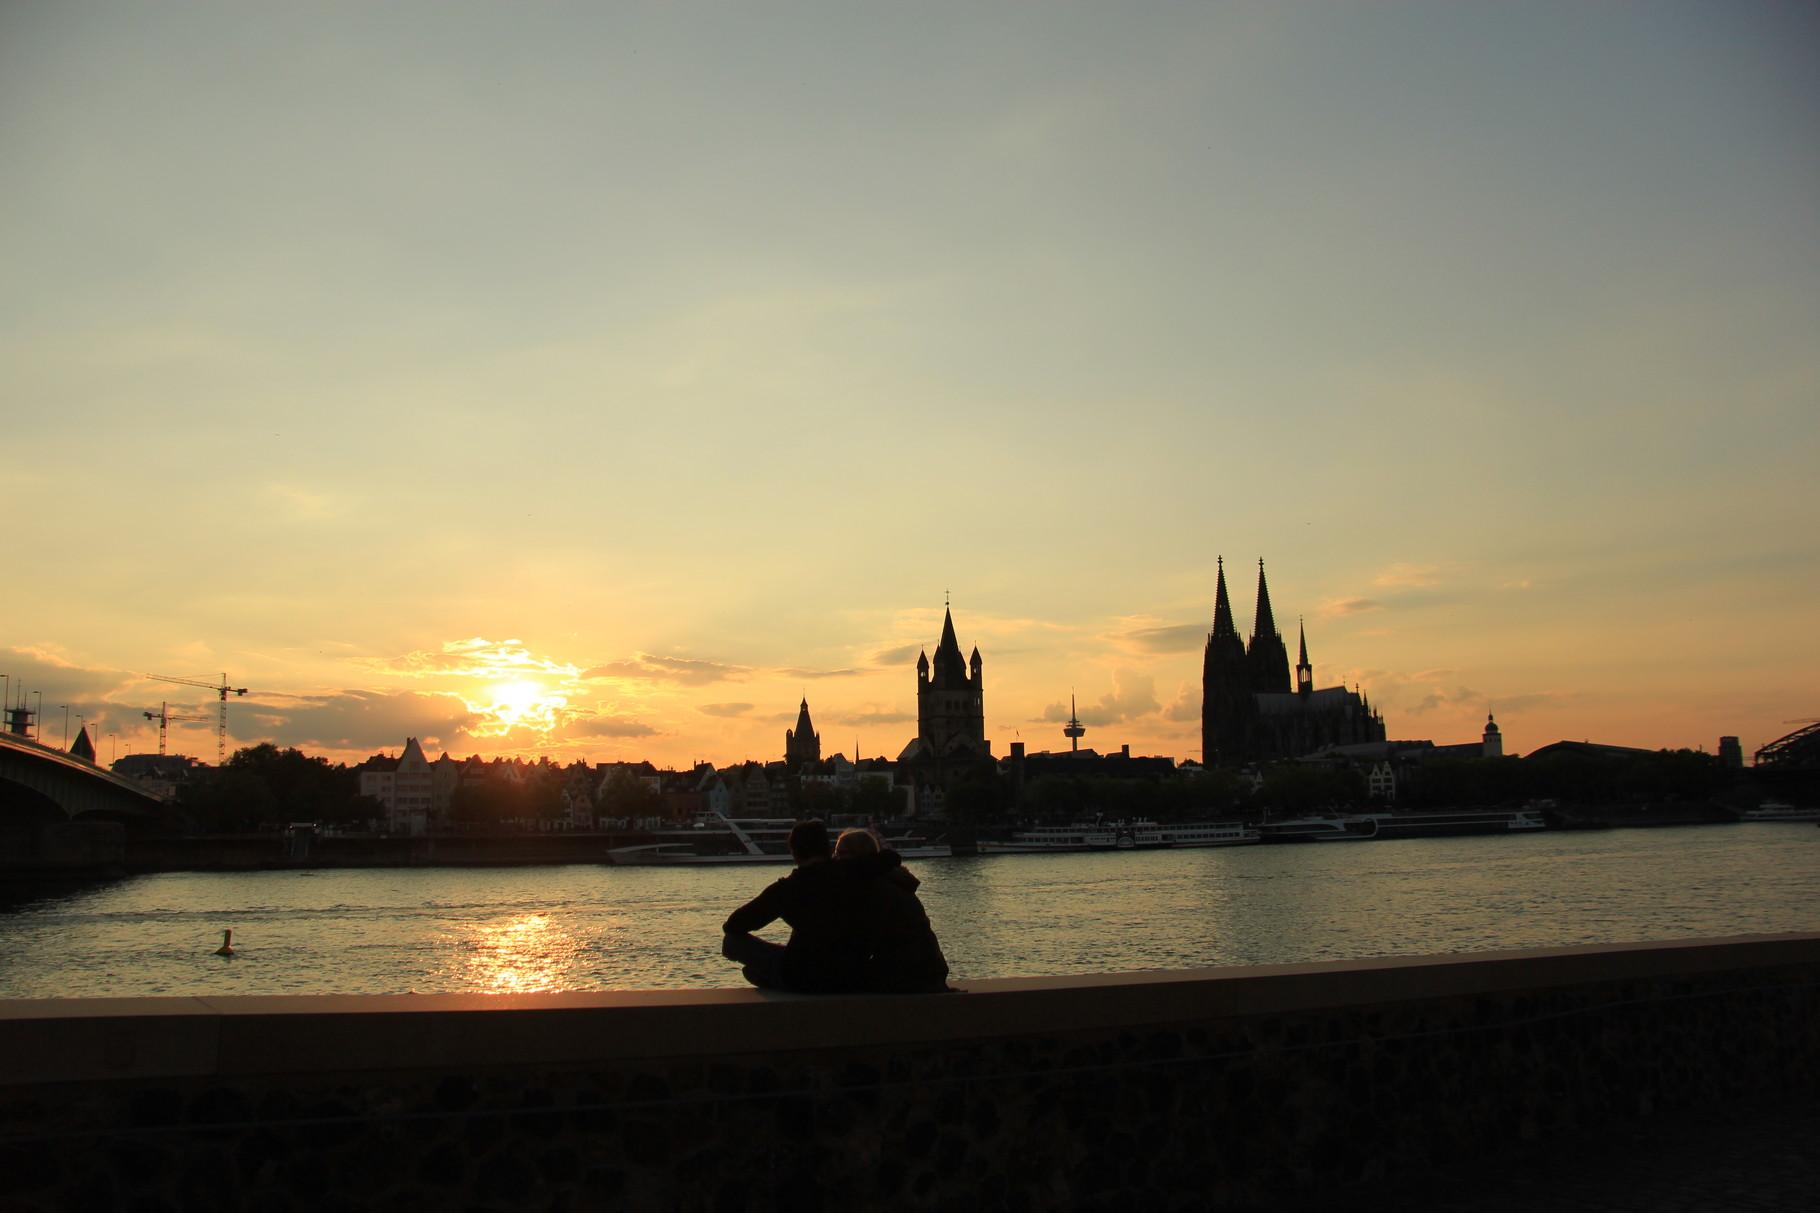 Geführte Fahrradtour - Sonnenuntergang am Rheinboulevard...